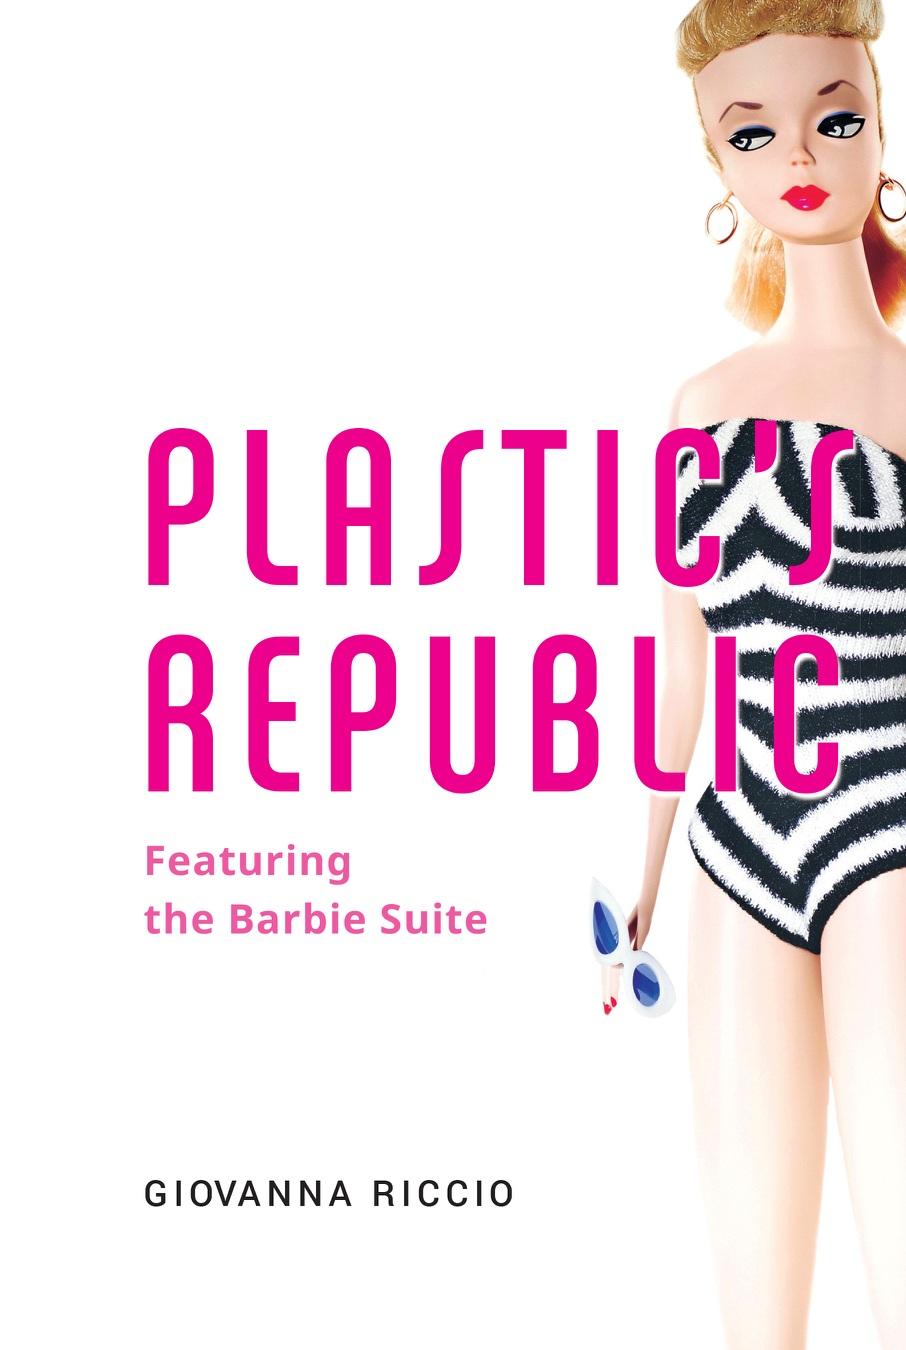 Plastic+Republic_cover+spread_Dec+17.jpg